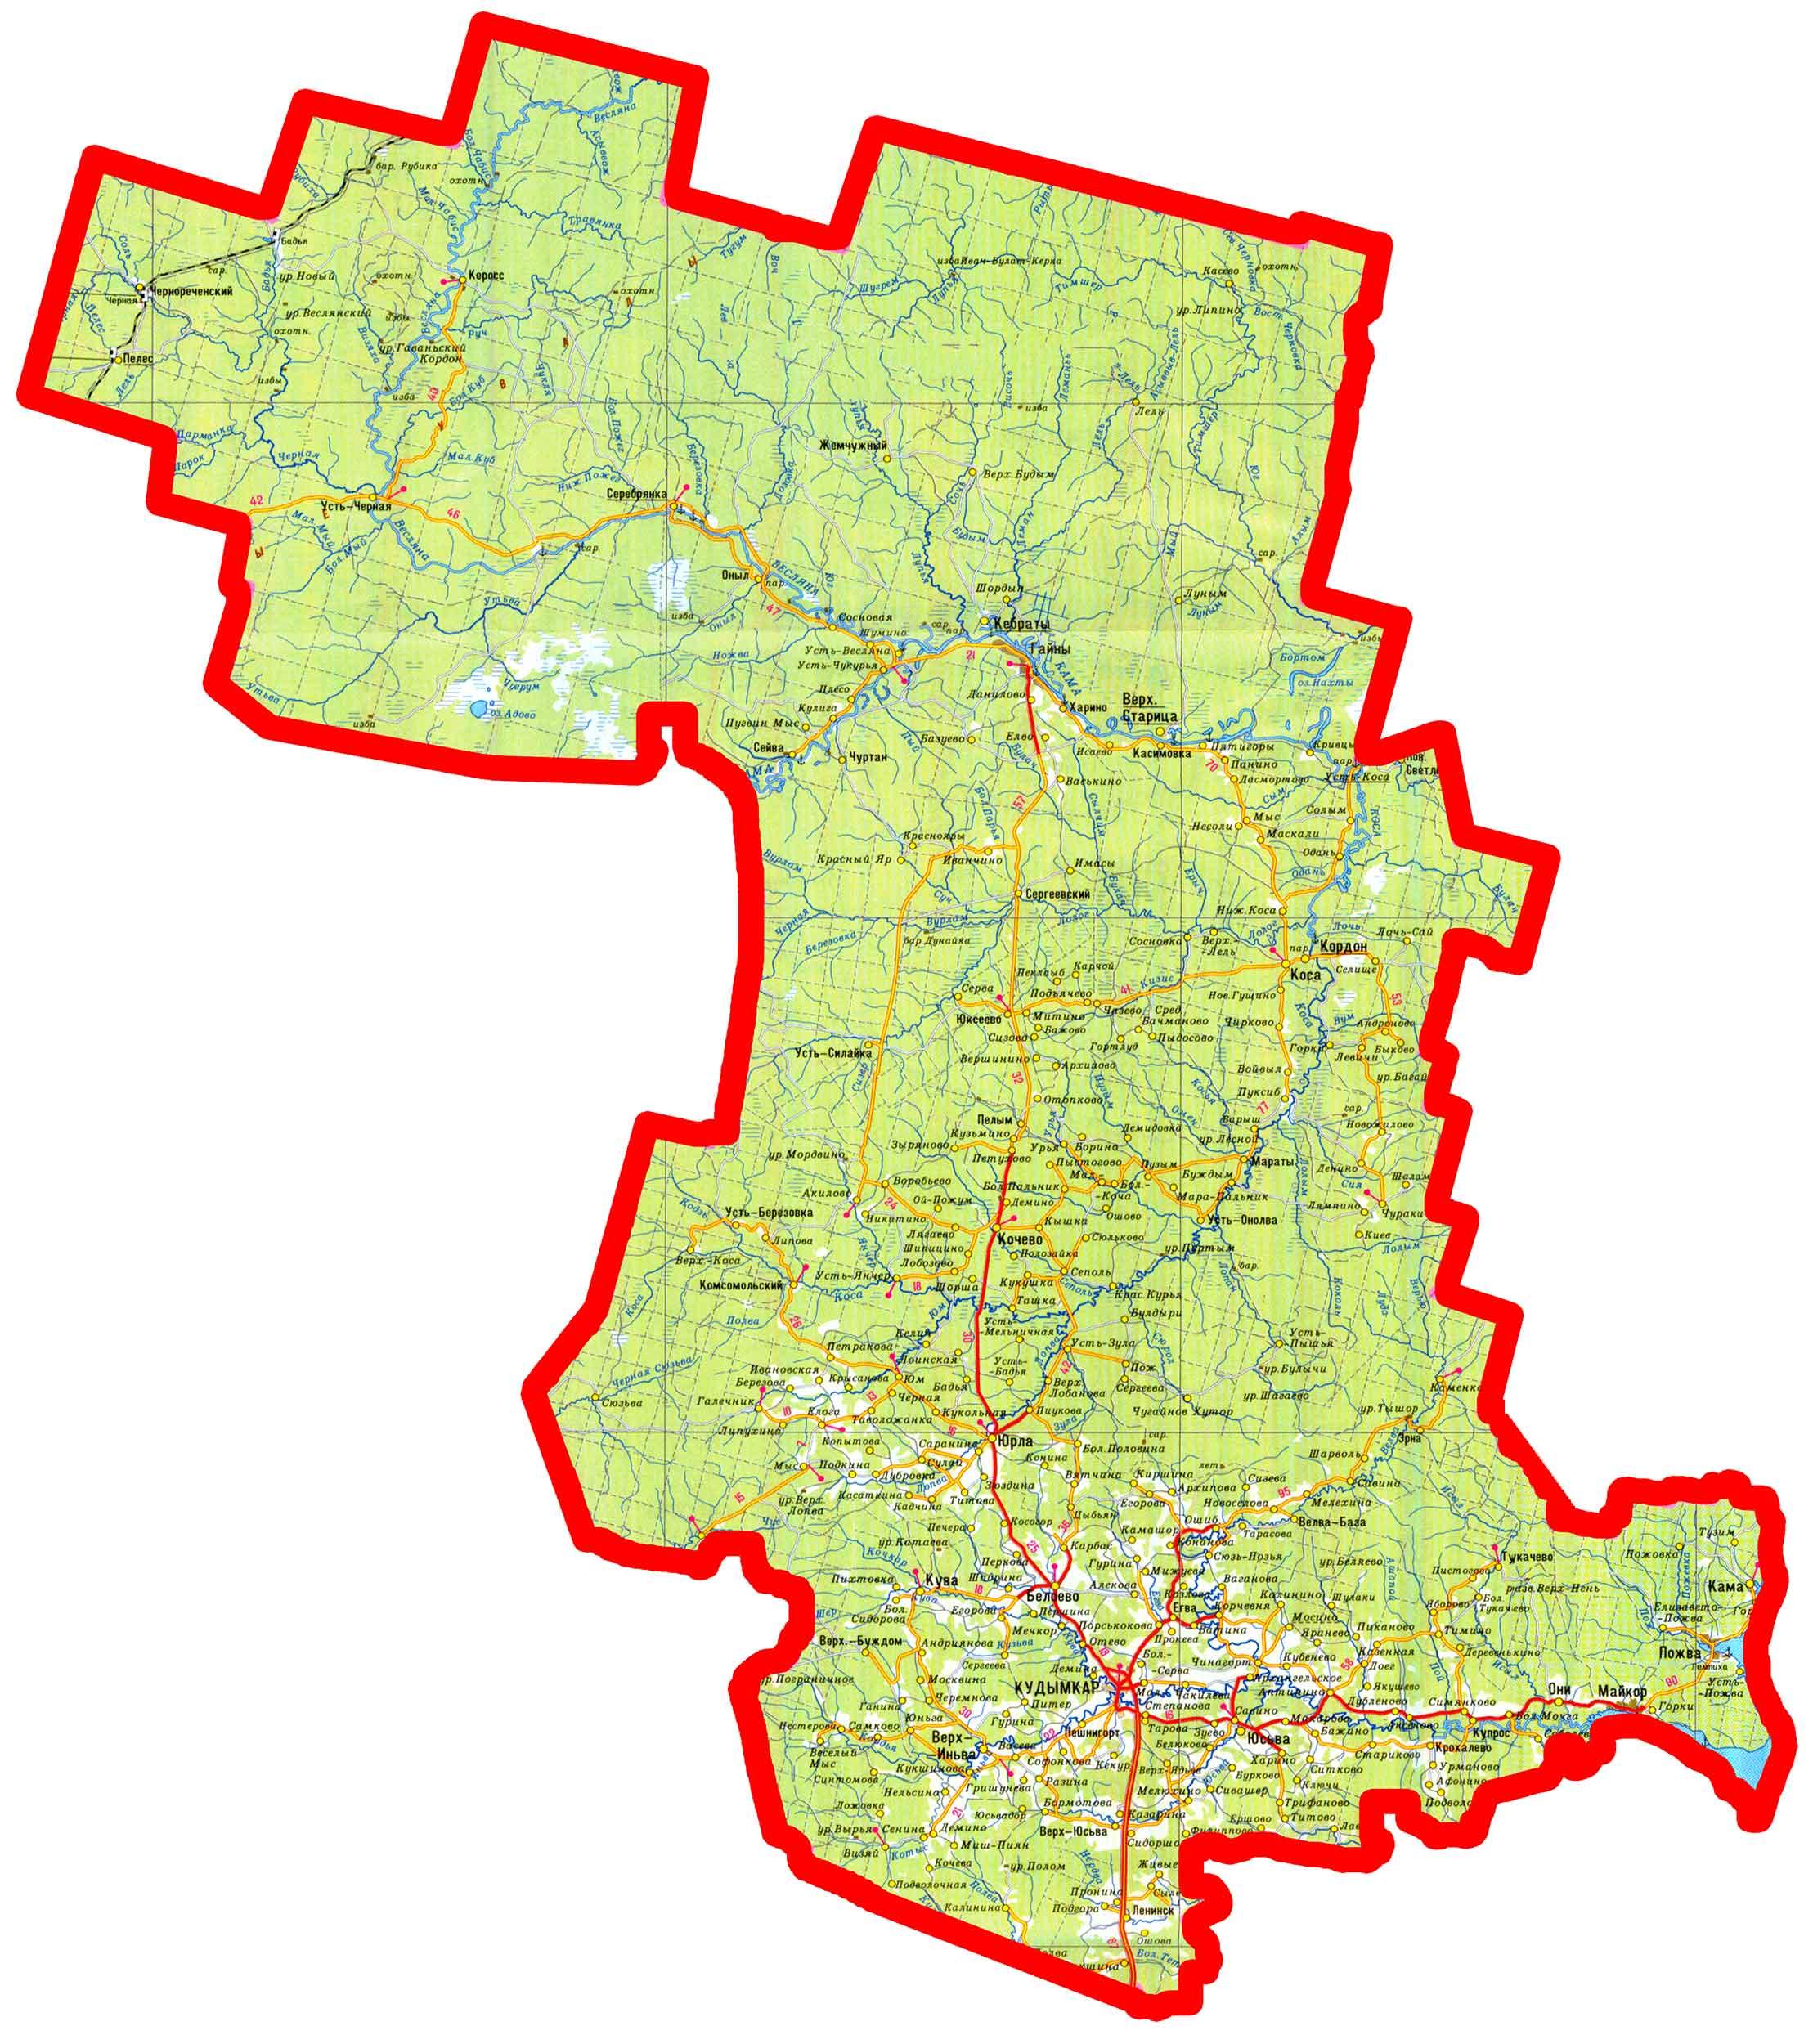 Карта коми-пермяцкого округа. Высокое разрешение.